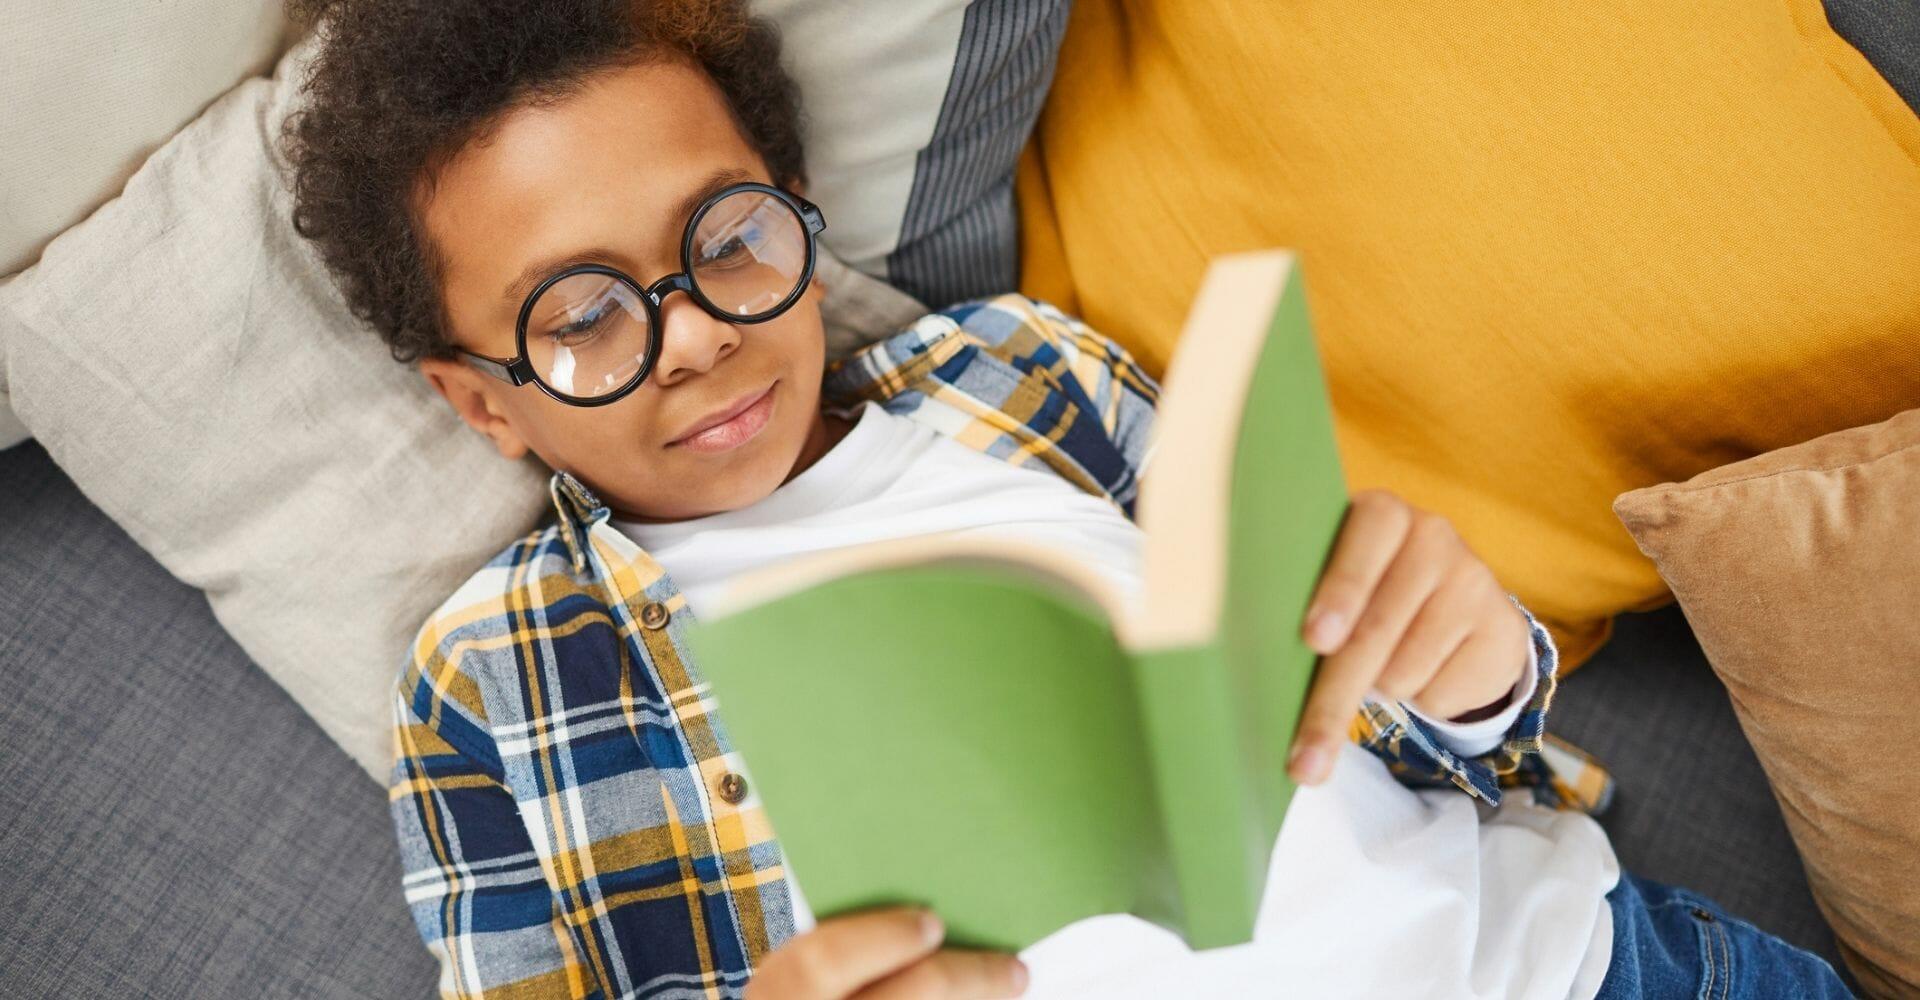 Serie anni '90: i libri cult per i bambini e i ragazzi della generazione Y